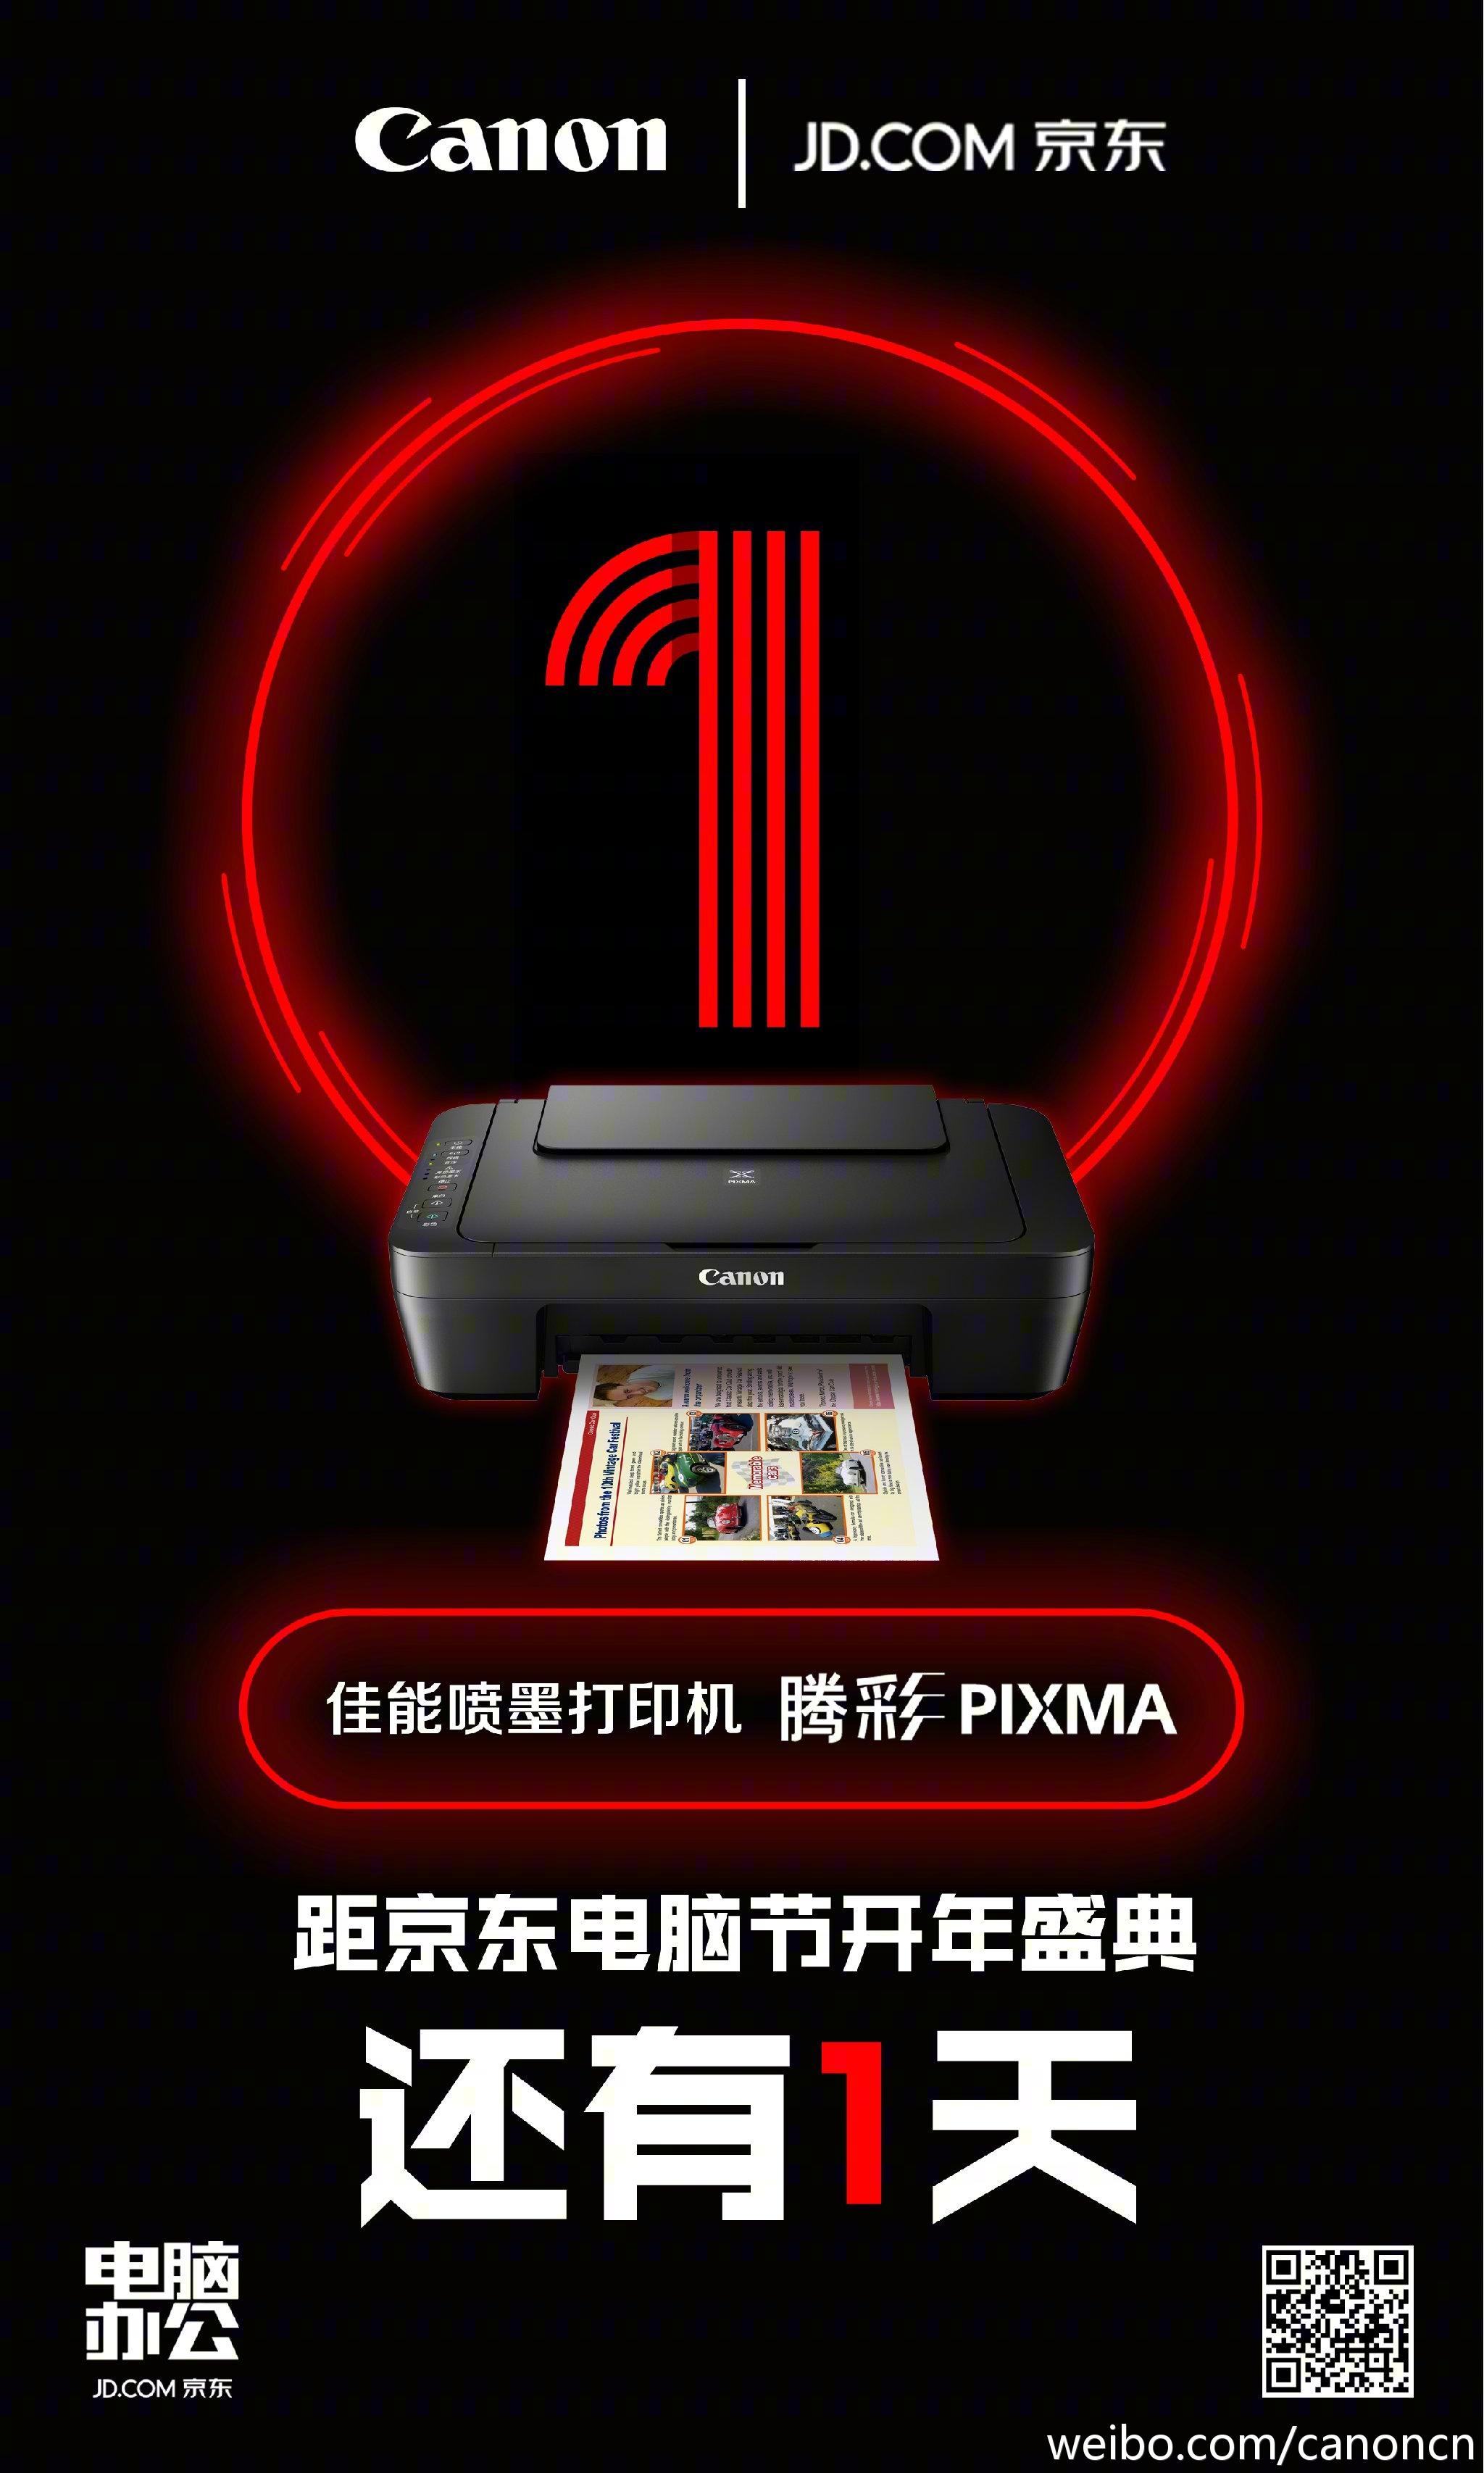 #京东电脑节#靠谱换新,佳能约你上京东电脑节!24小时之后见!@京东电脑办公 http://t.cn